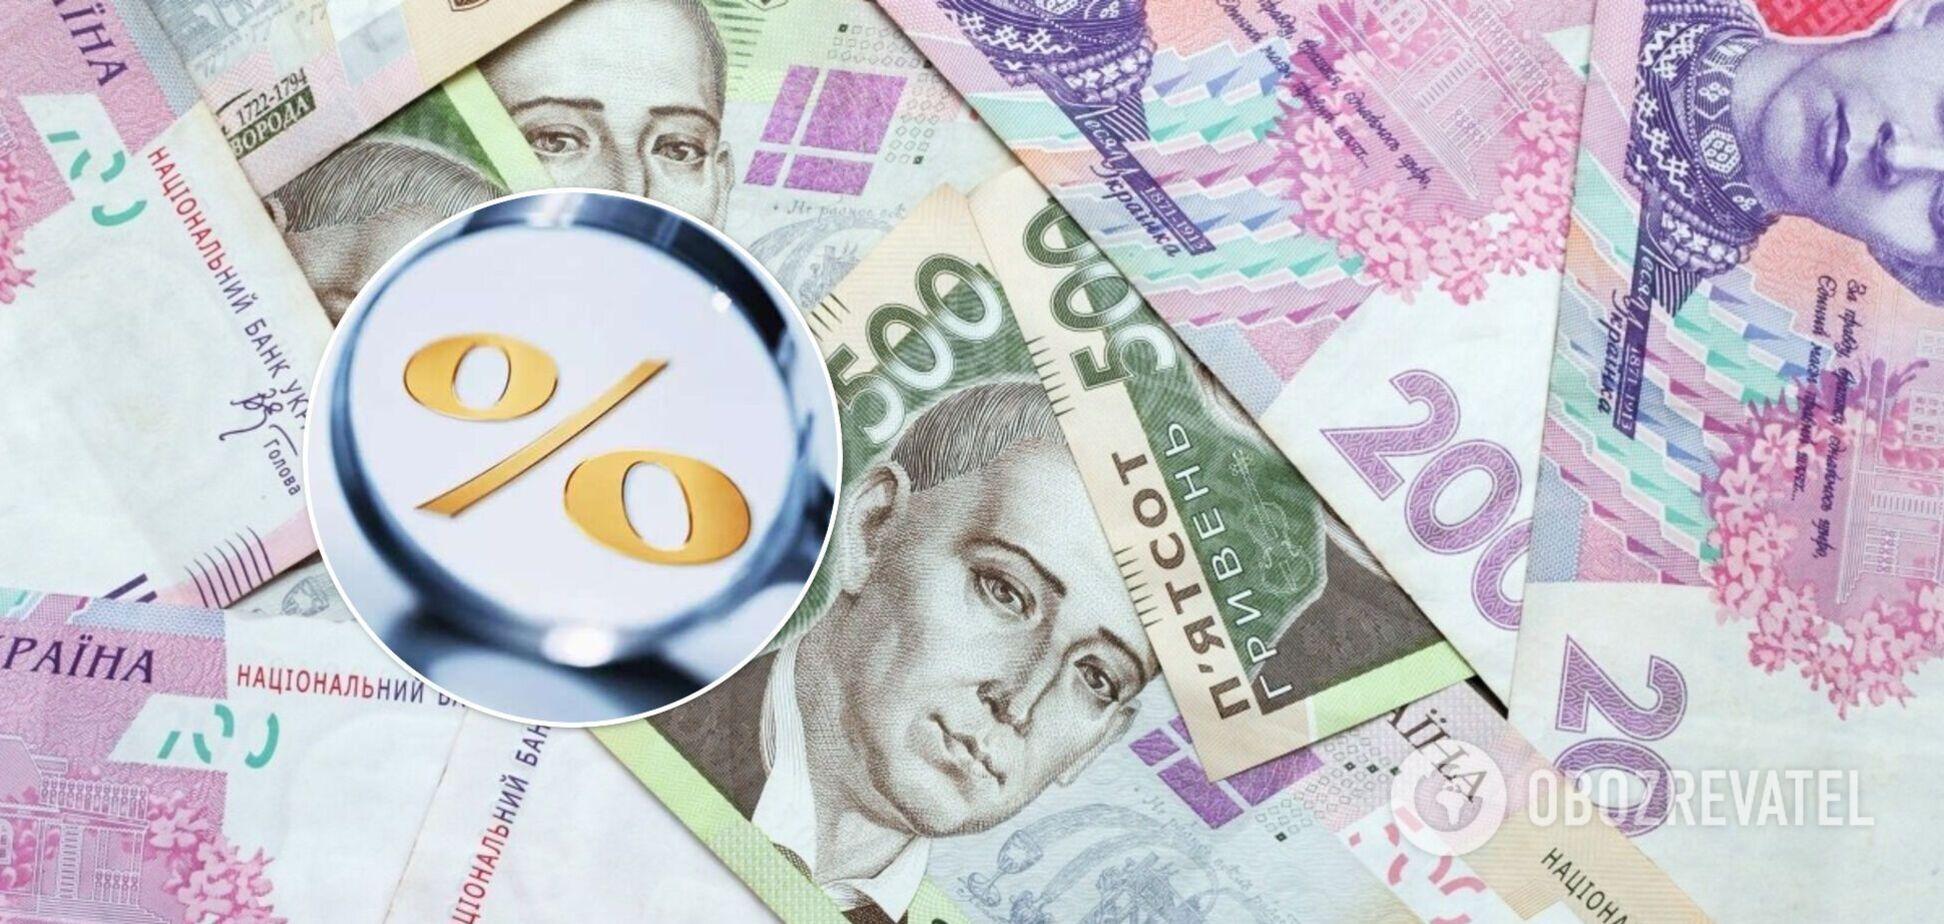 НБУ сохранит учетную ставку на уровне 7,5%